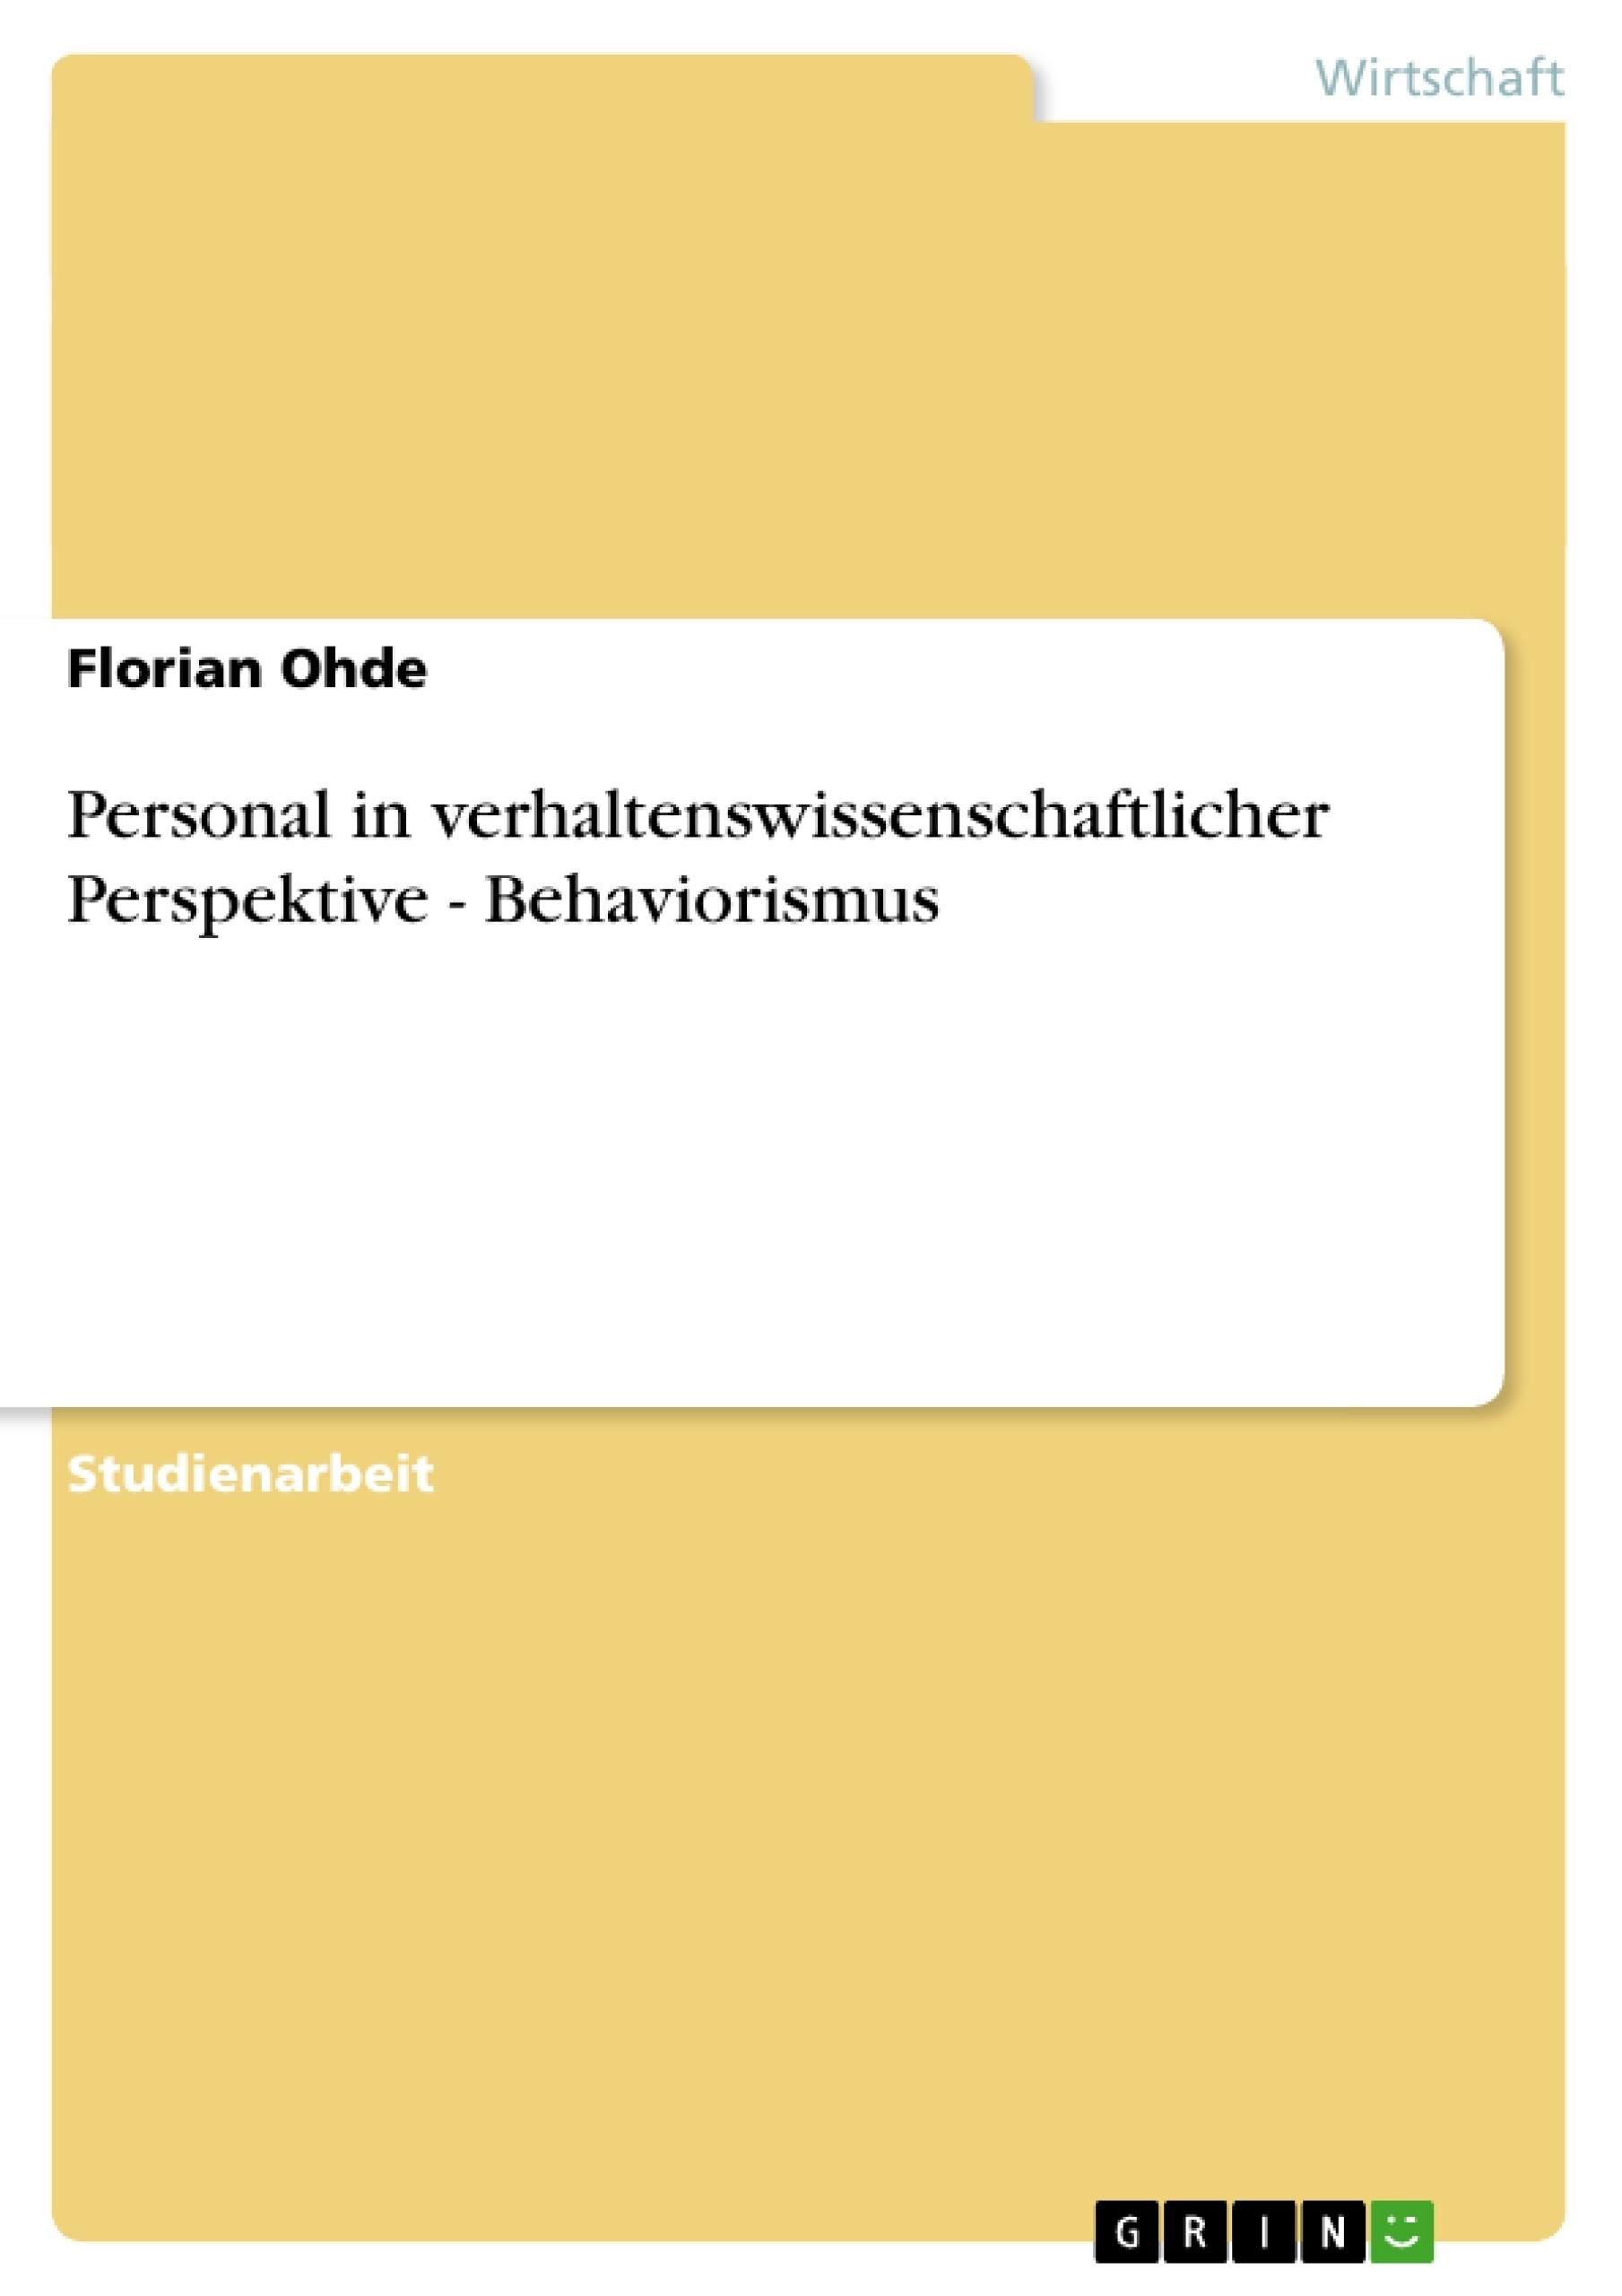 Titel: Personal in verhaltenswissenschaftlicher Perspektive - Behaviorismus